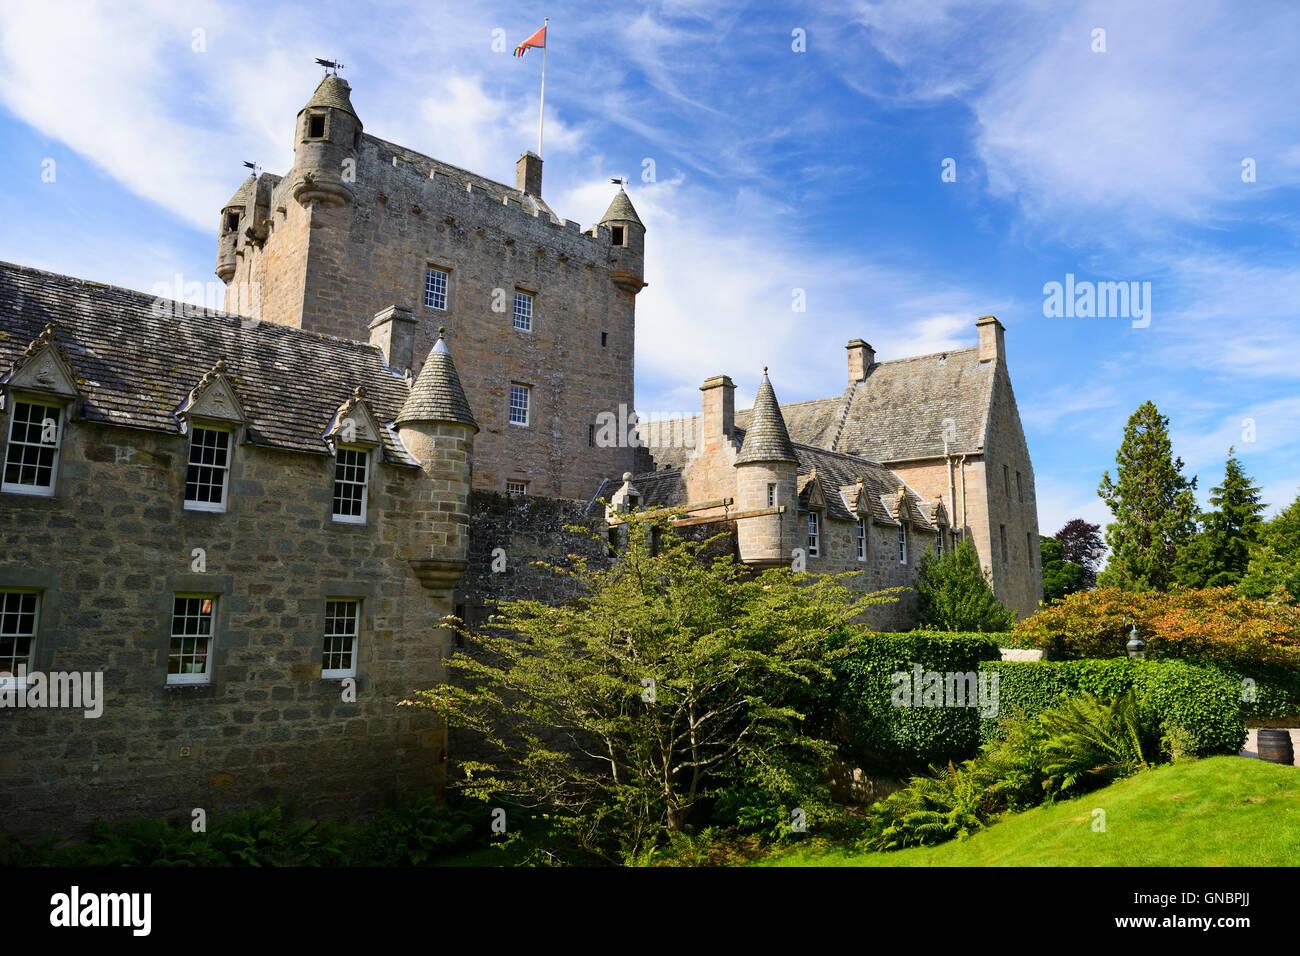 Cawdor Castle near Nairn in Inverness shire, Scotland - Stock Image